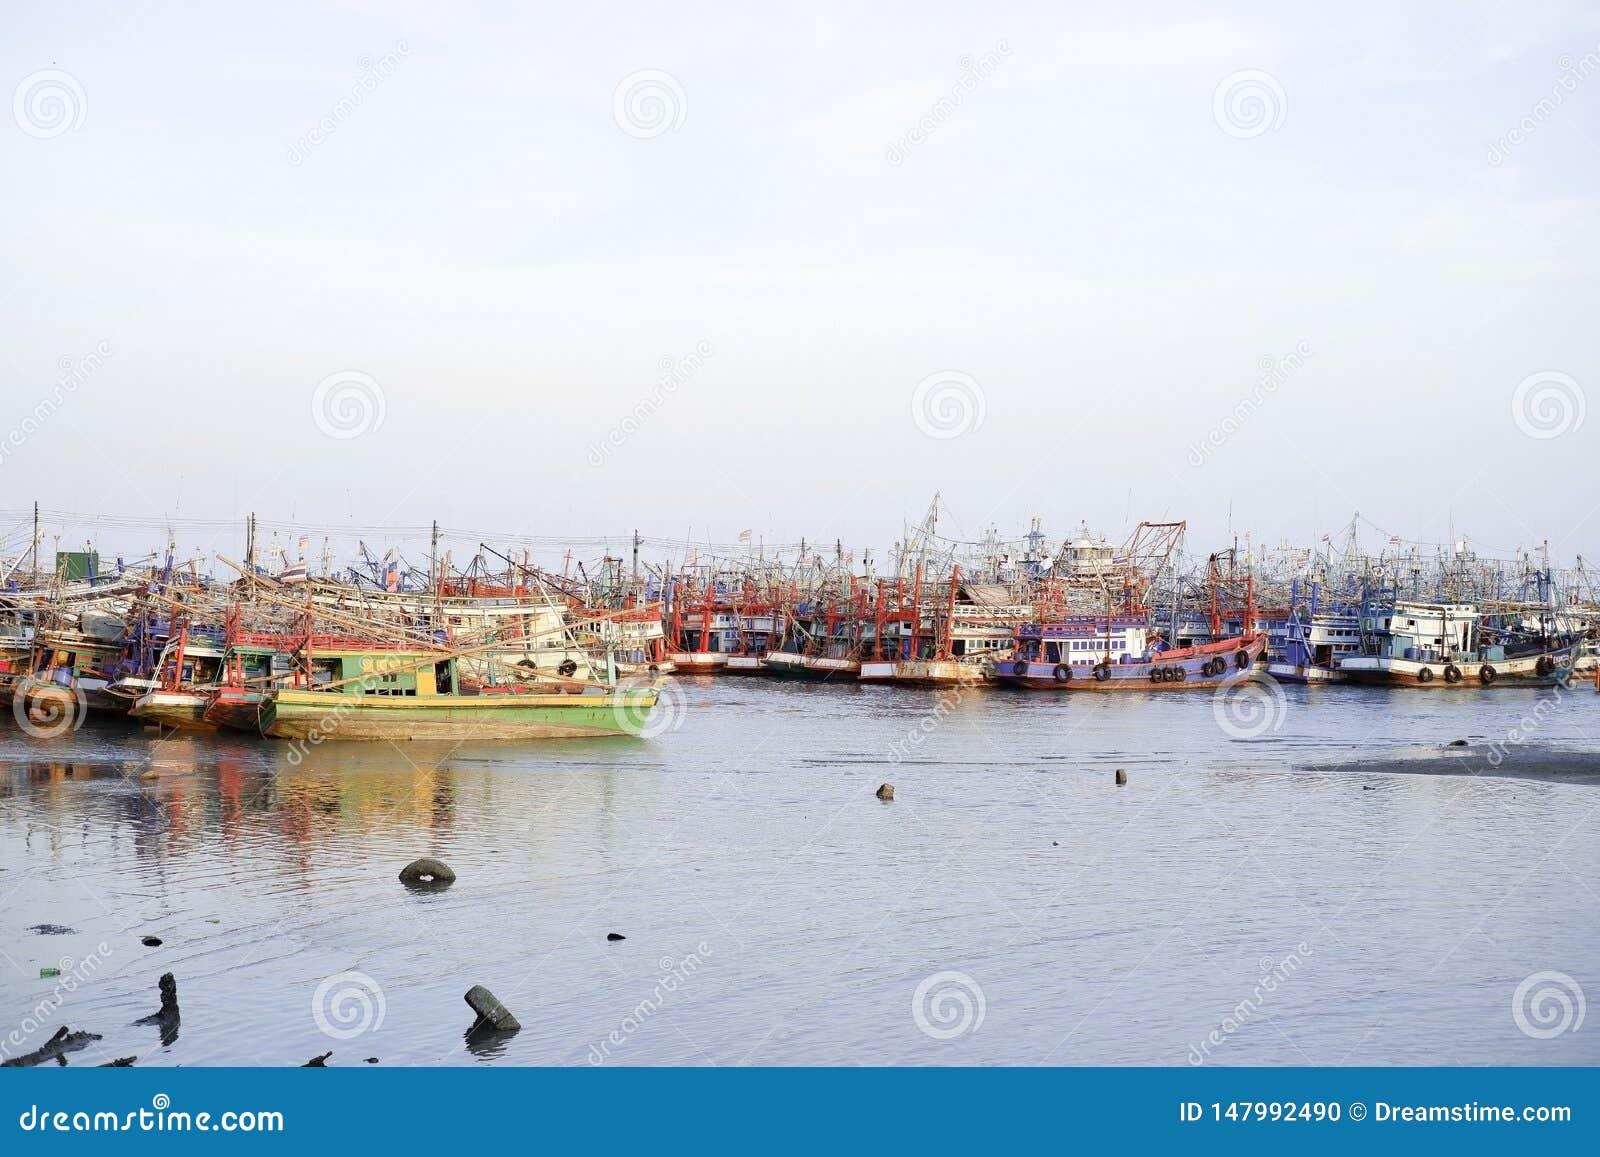 Pesca, barco, anúncio publicitário, peixe, céu, água